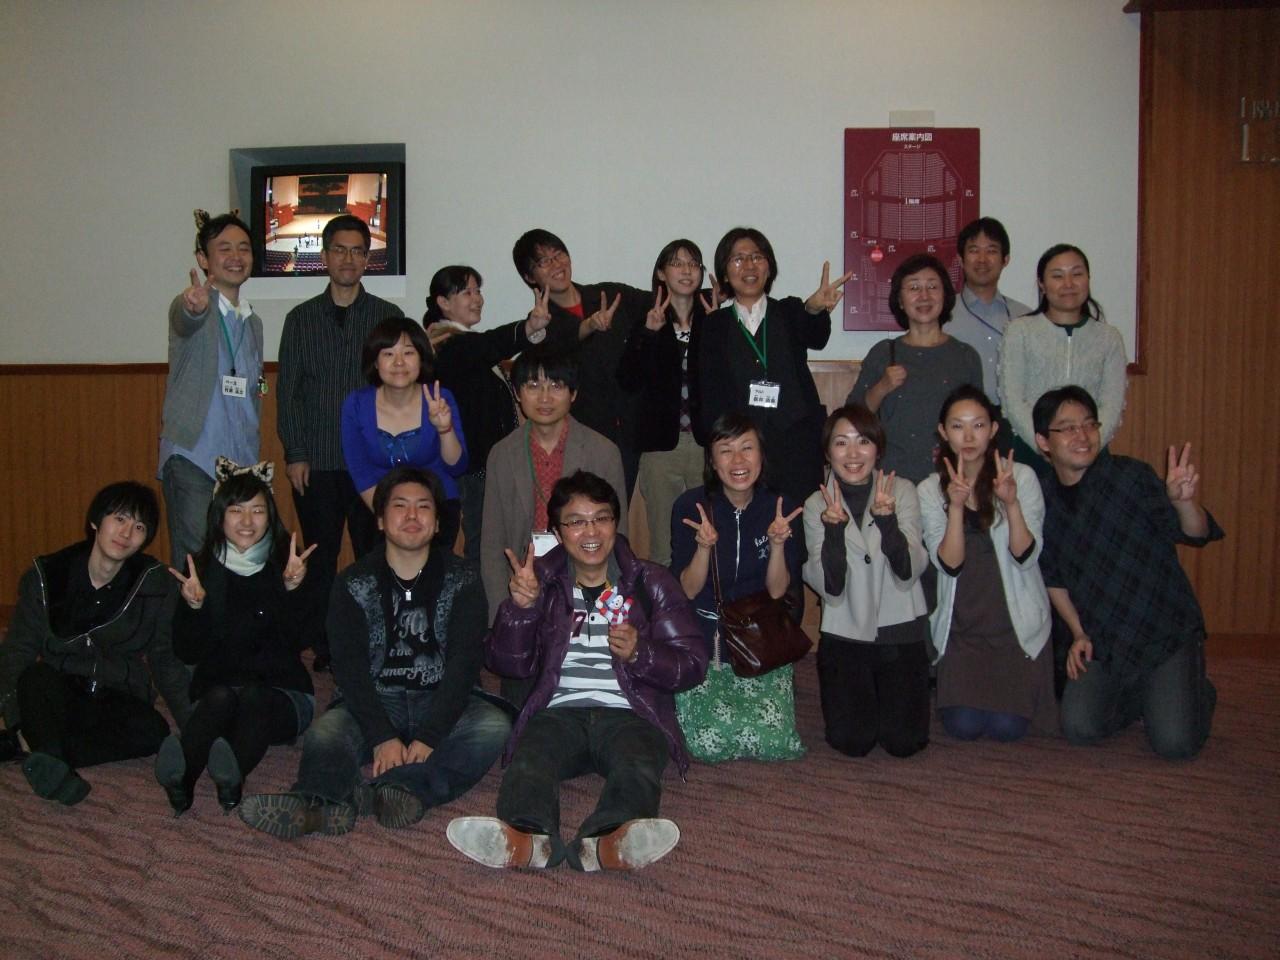 2008年11月23日の総合音楽祭です!